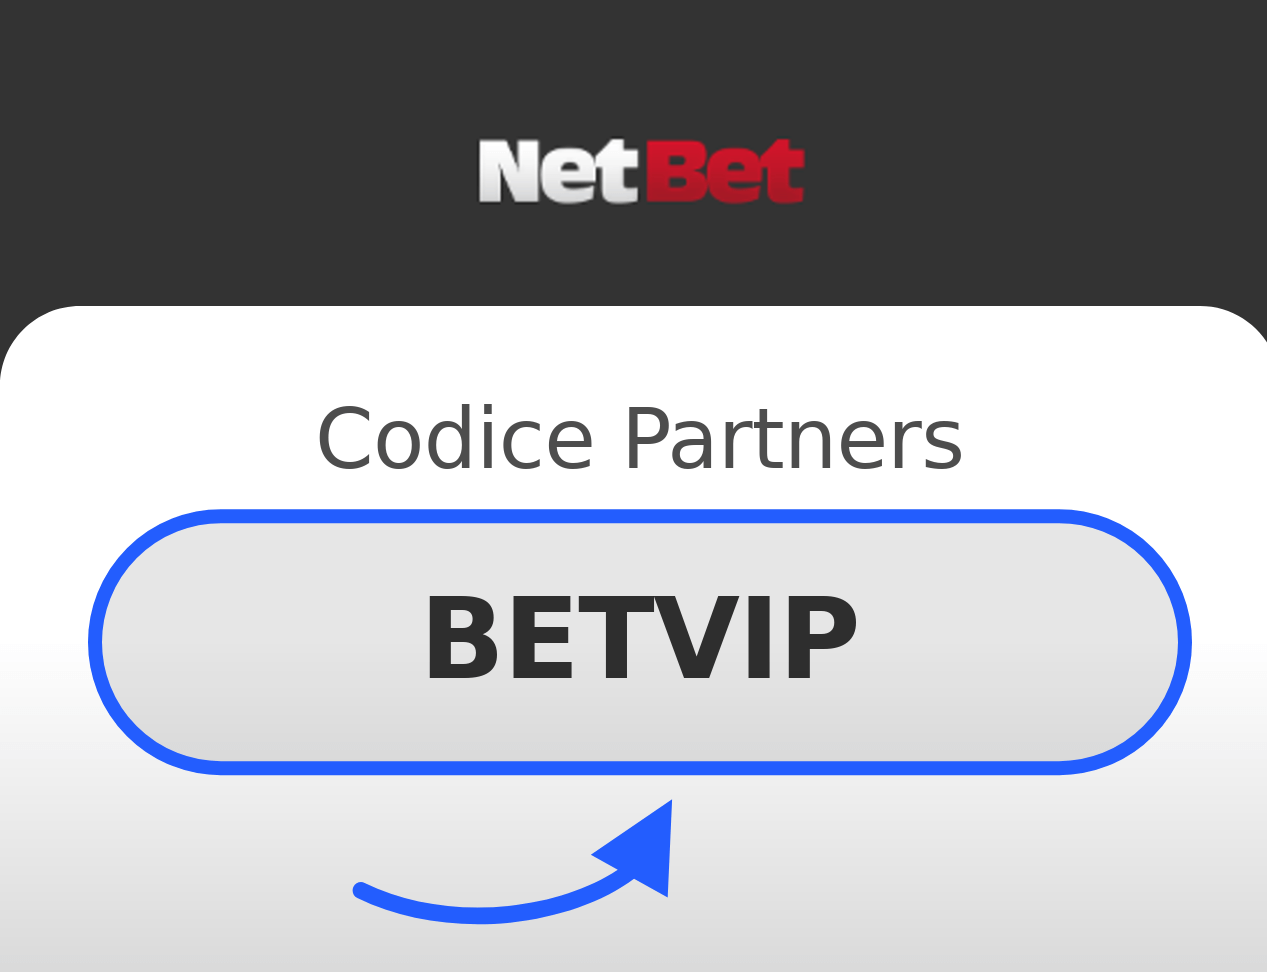 Codice Partners NetBet